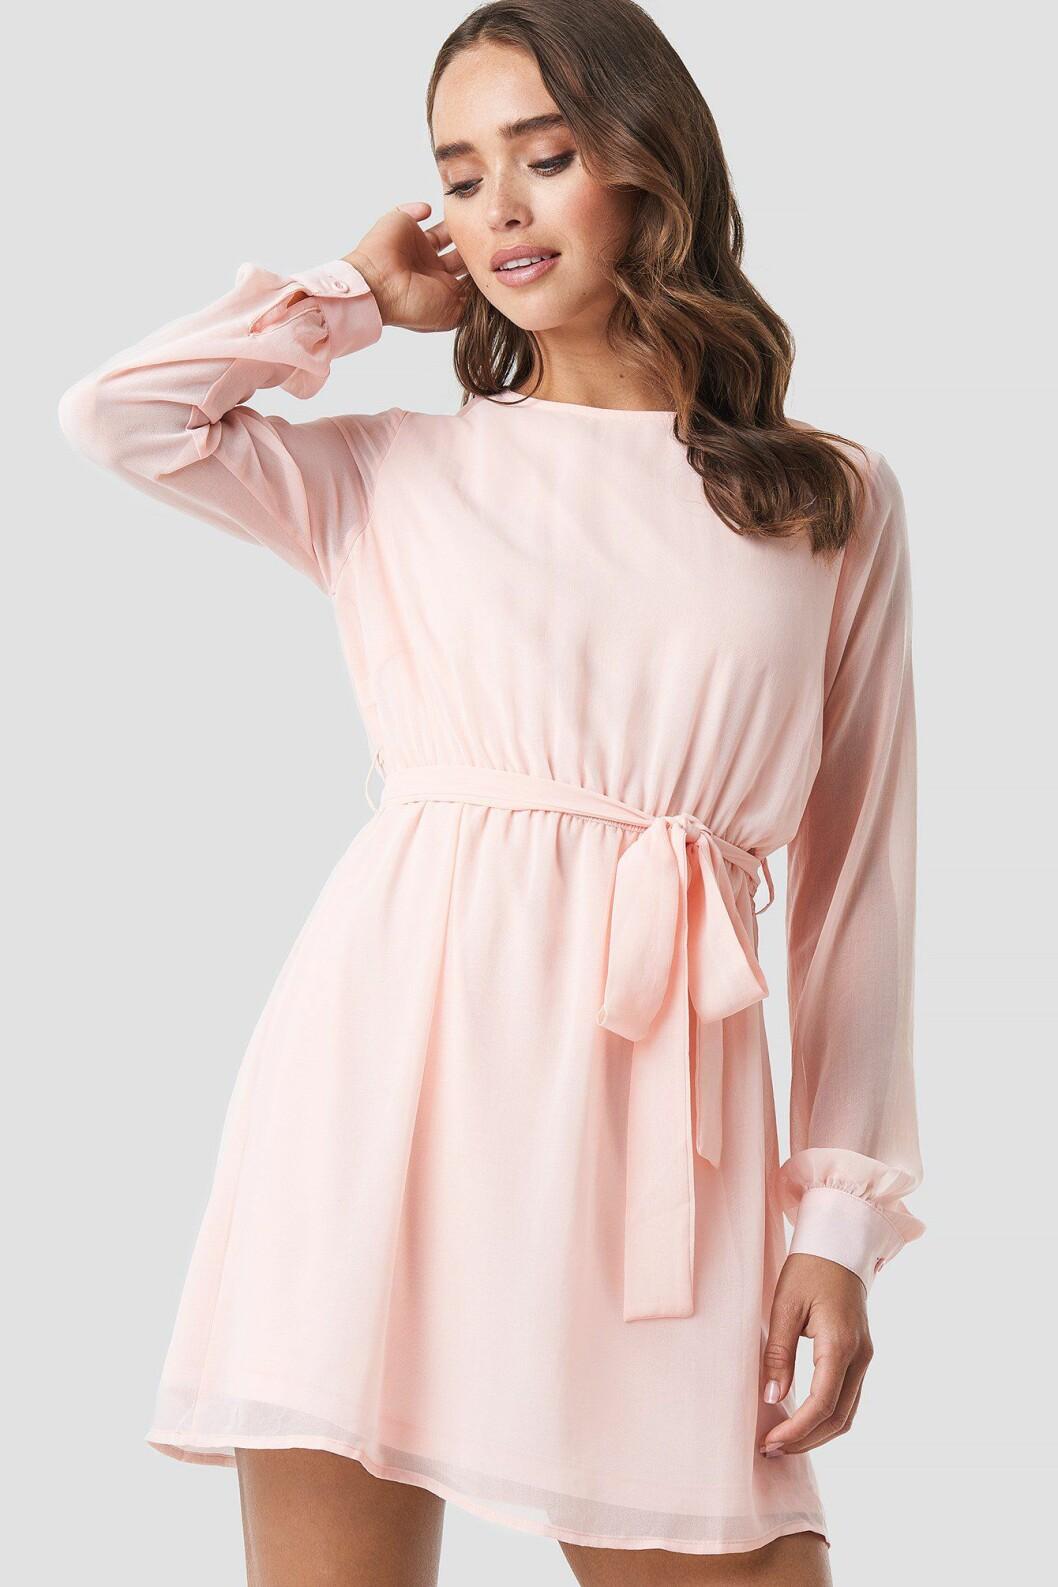 Rosa klänning till skolavslutning 2019